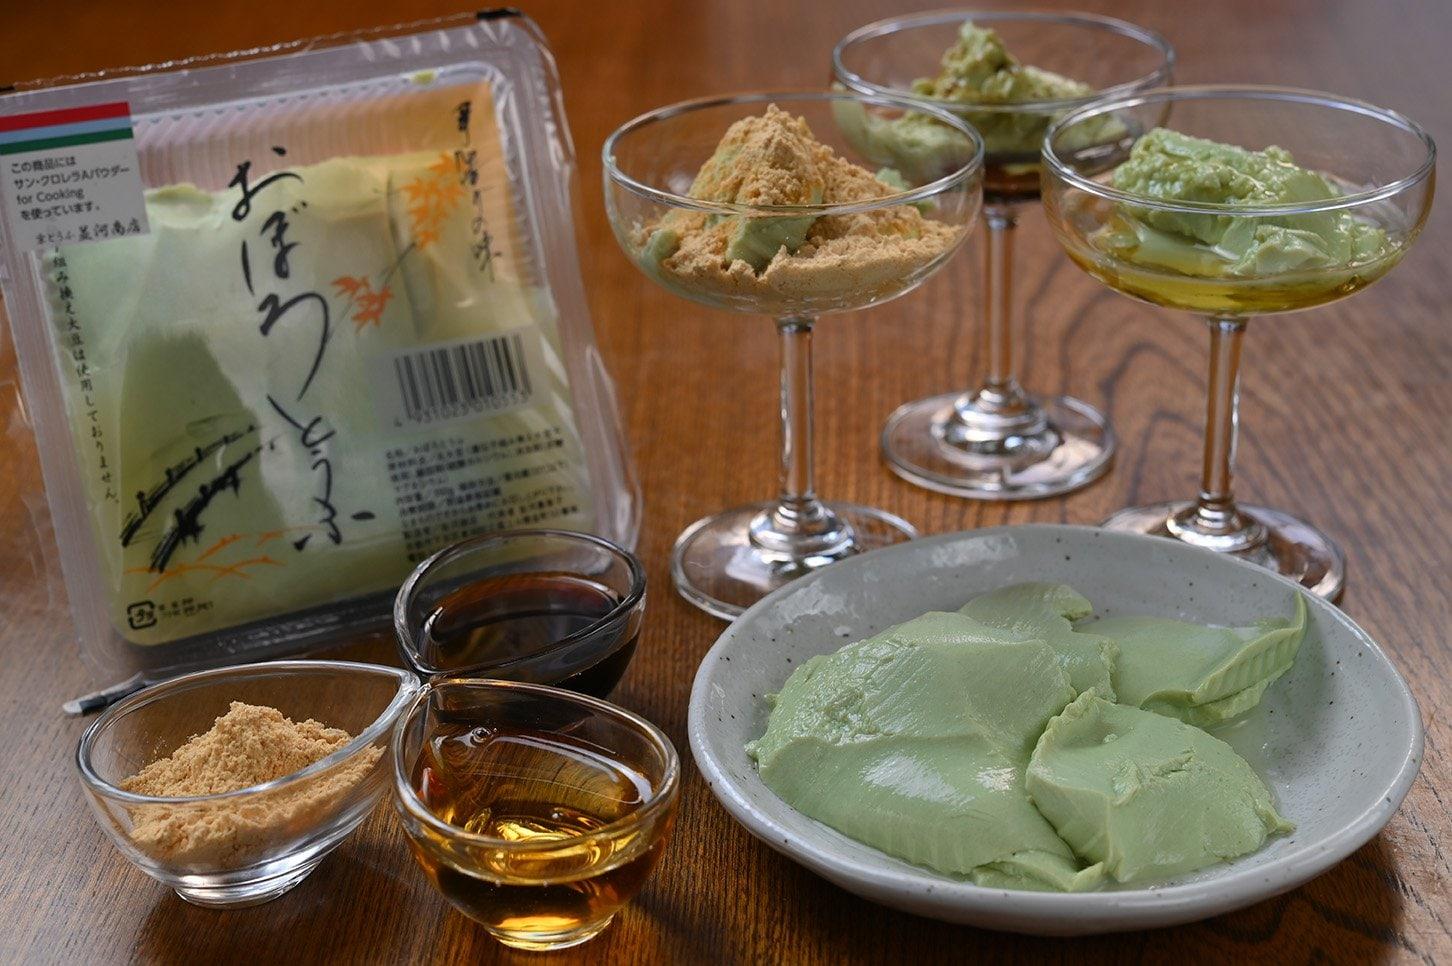 京都伝統の京とうふ|クロレラ入りおぼろ豆腐